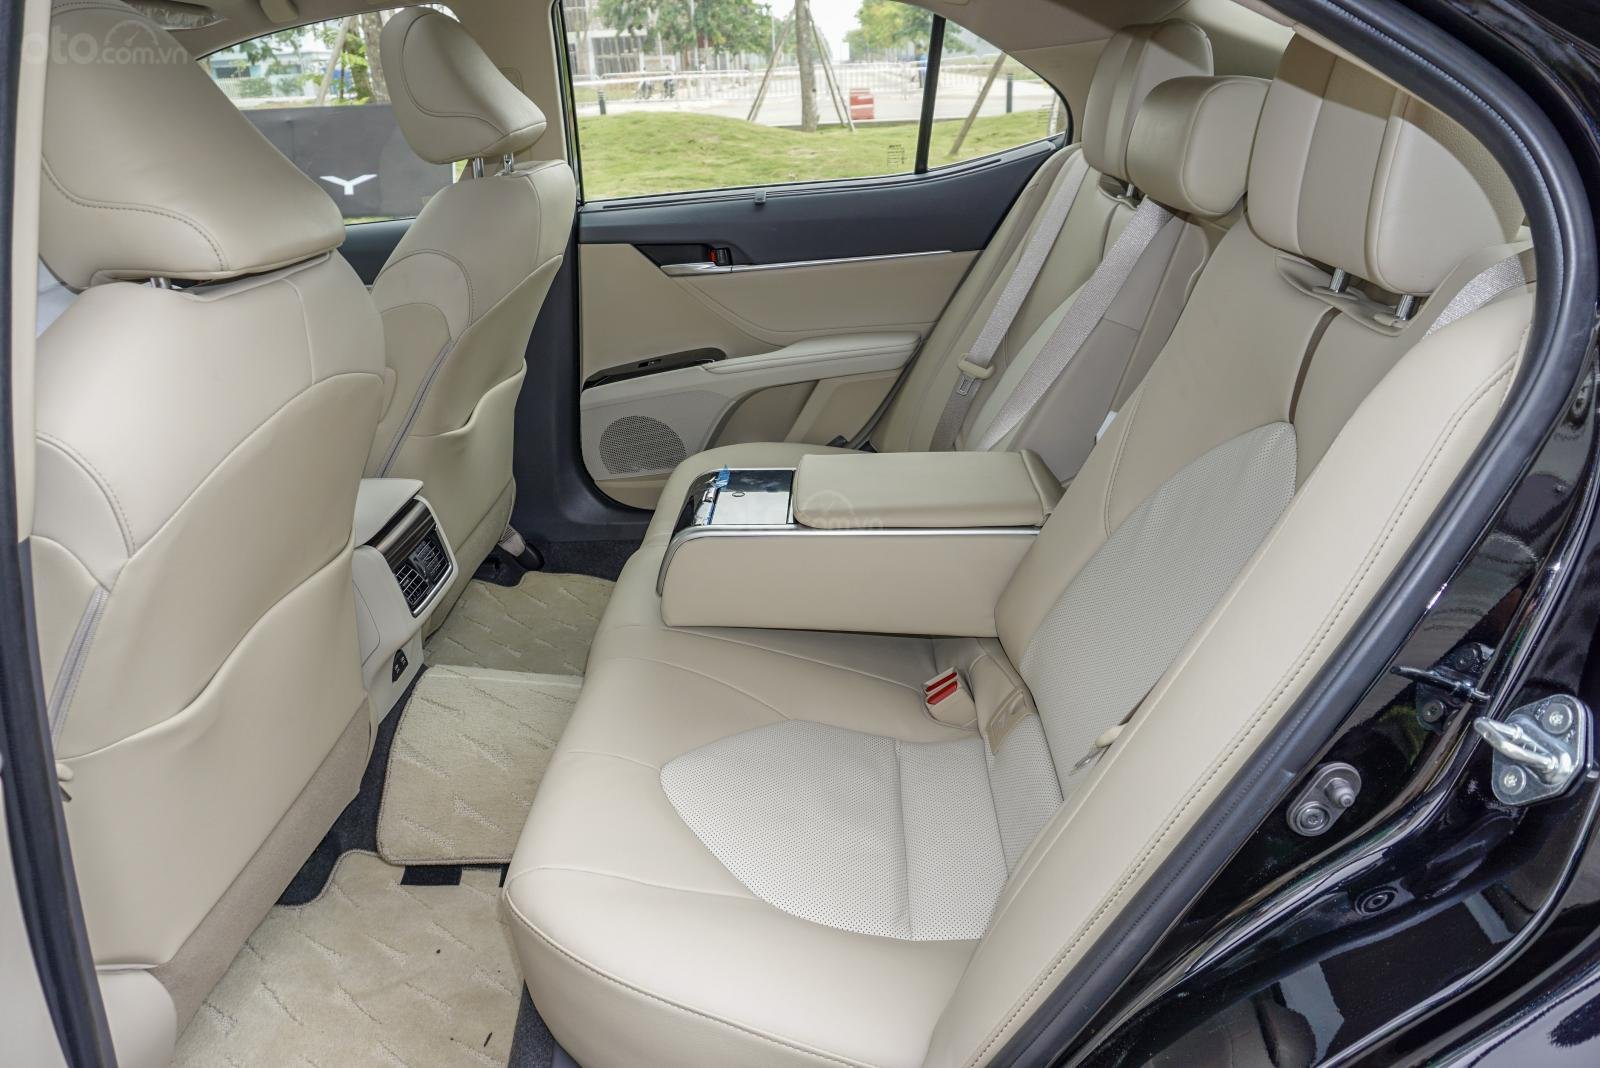 Toyota Camry 2.5Q 2019: Khu vực hàng ghế sau.